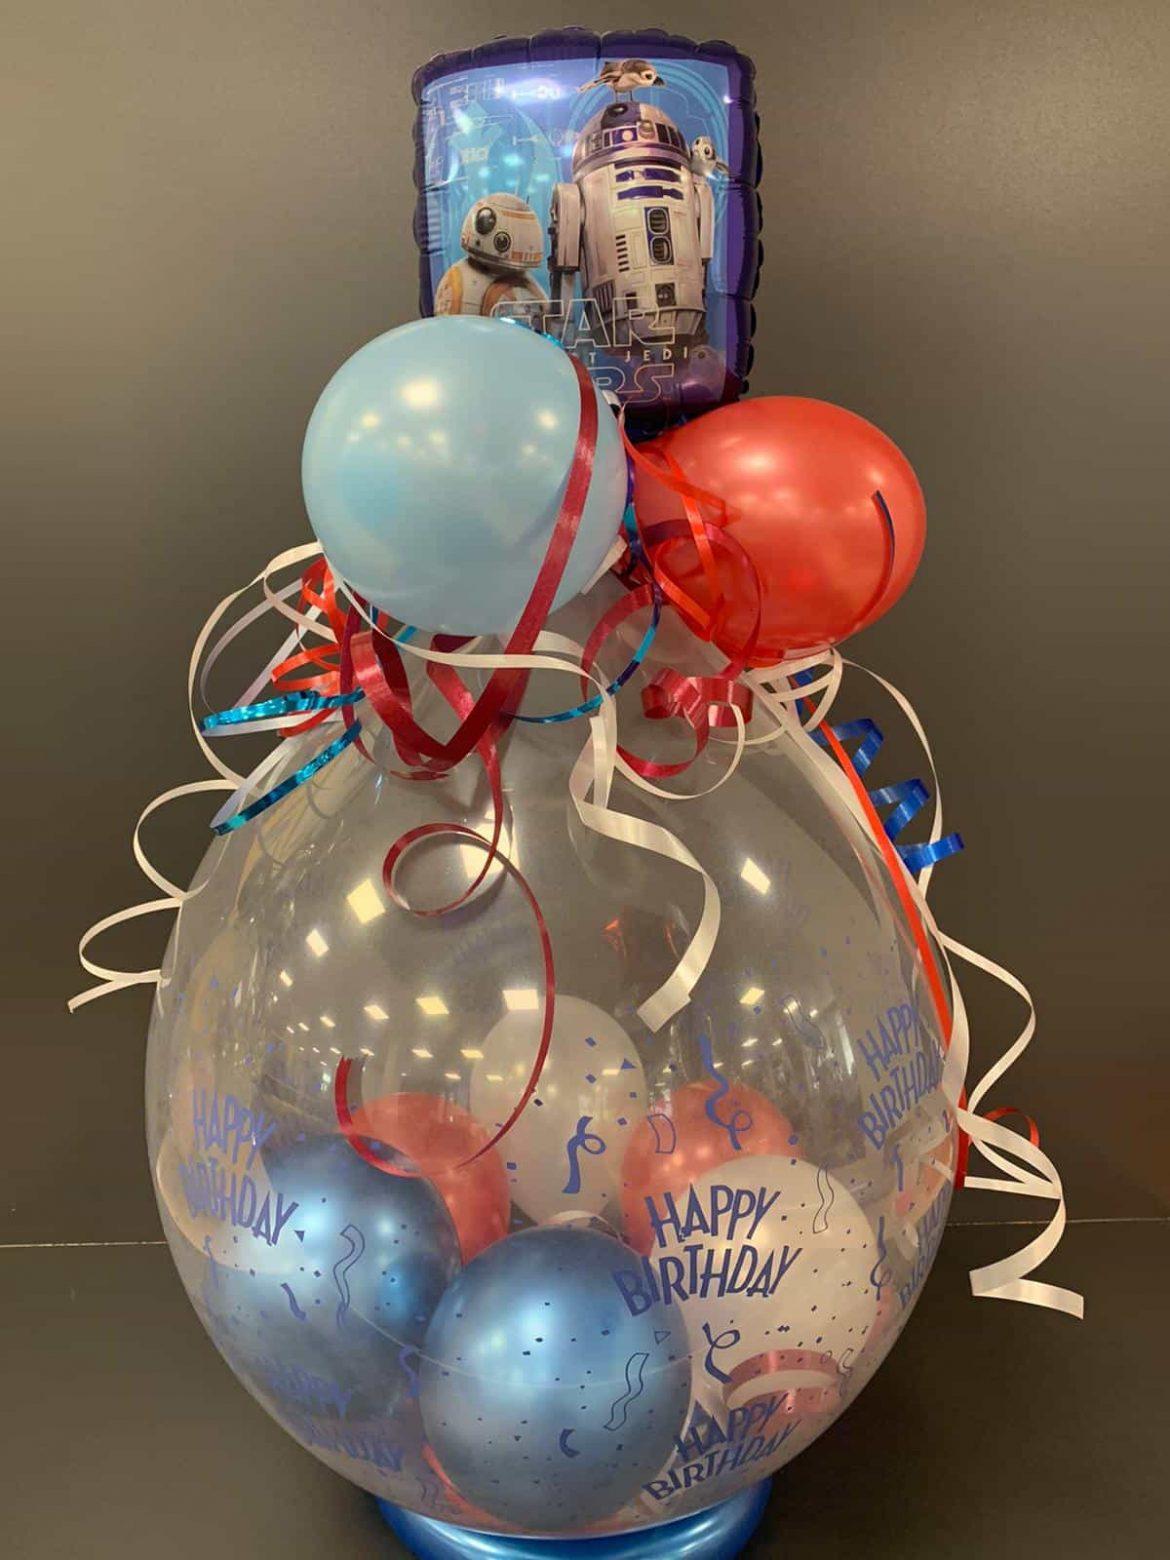 Ballongeschenk Geburtstag 1